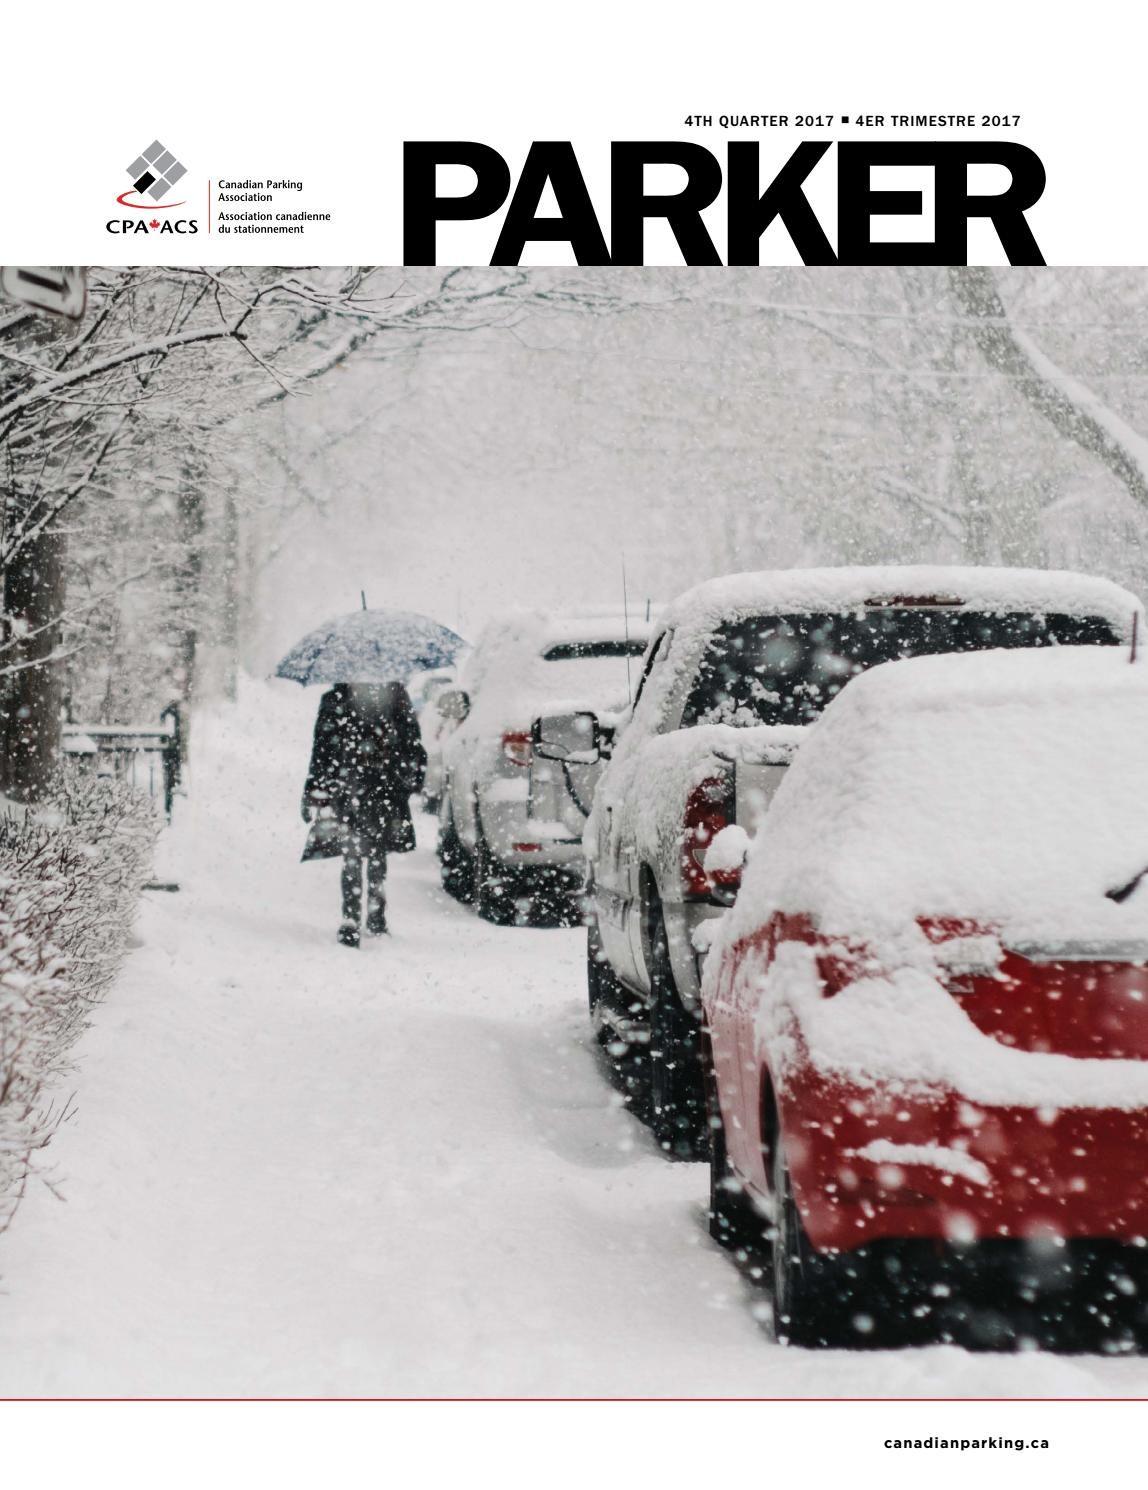 Tour De Lit forme Nuage Nouveau Parker 4 Quarter 2017 by Canadian Parking association issuu